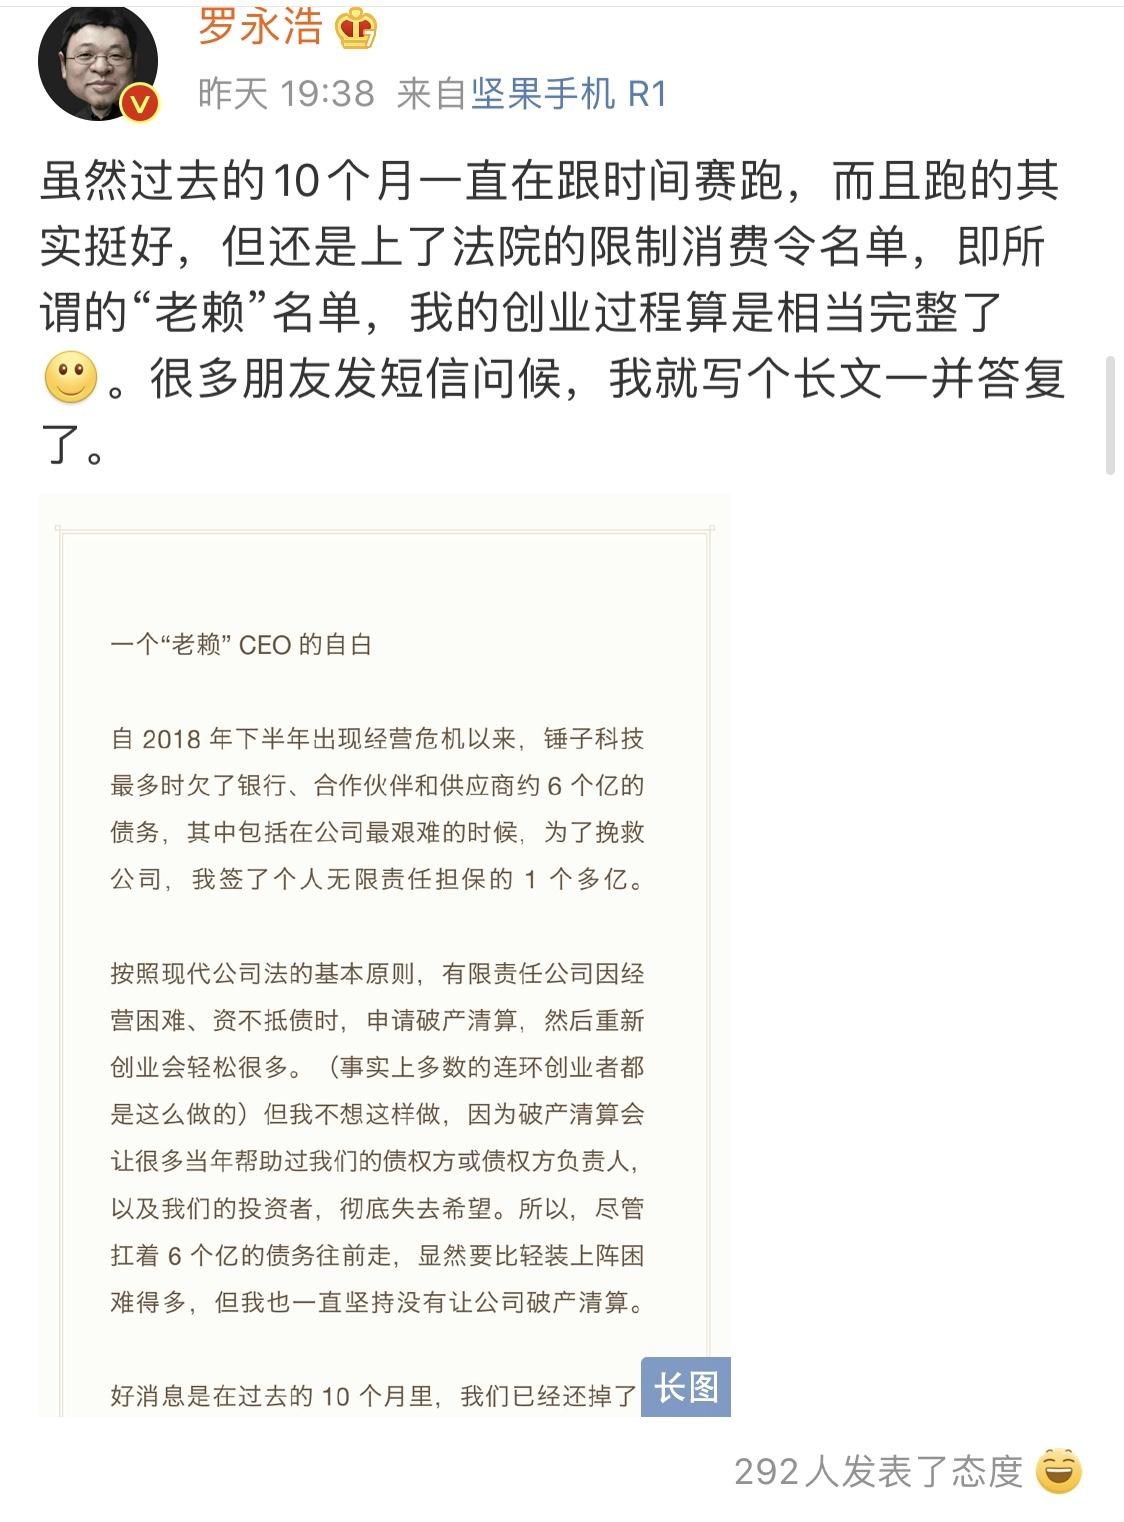 """創業不易!羅永浩欠債370萬被限制消費 回應:會靠""""賣藝""""把債還完"""